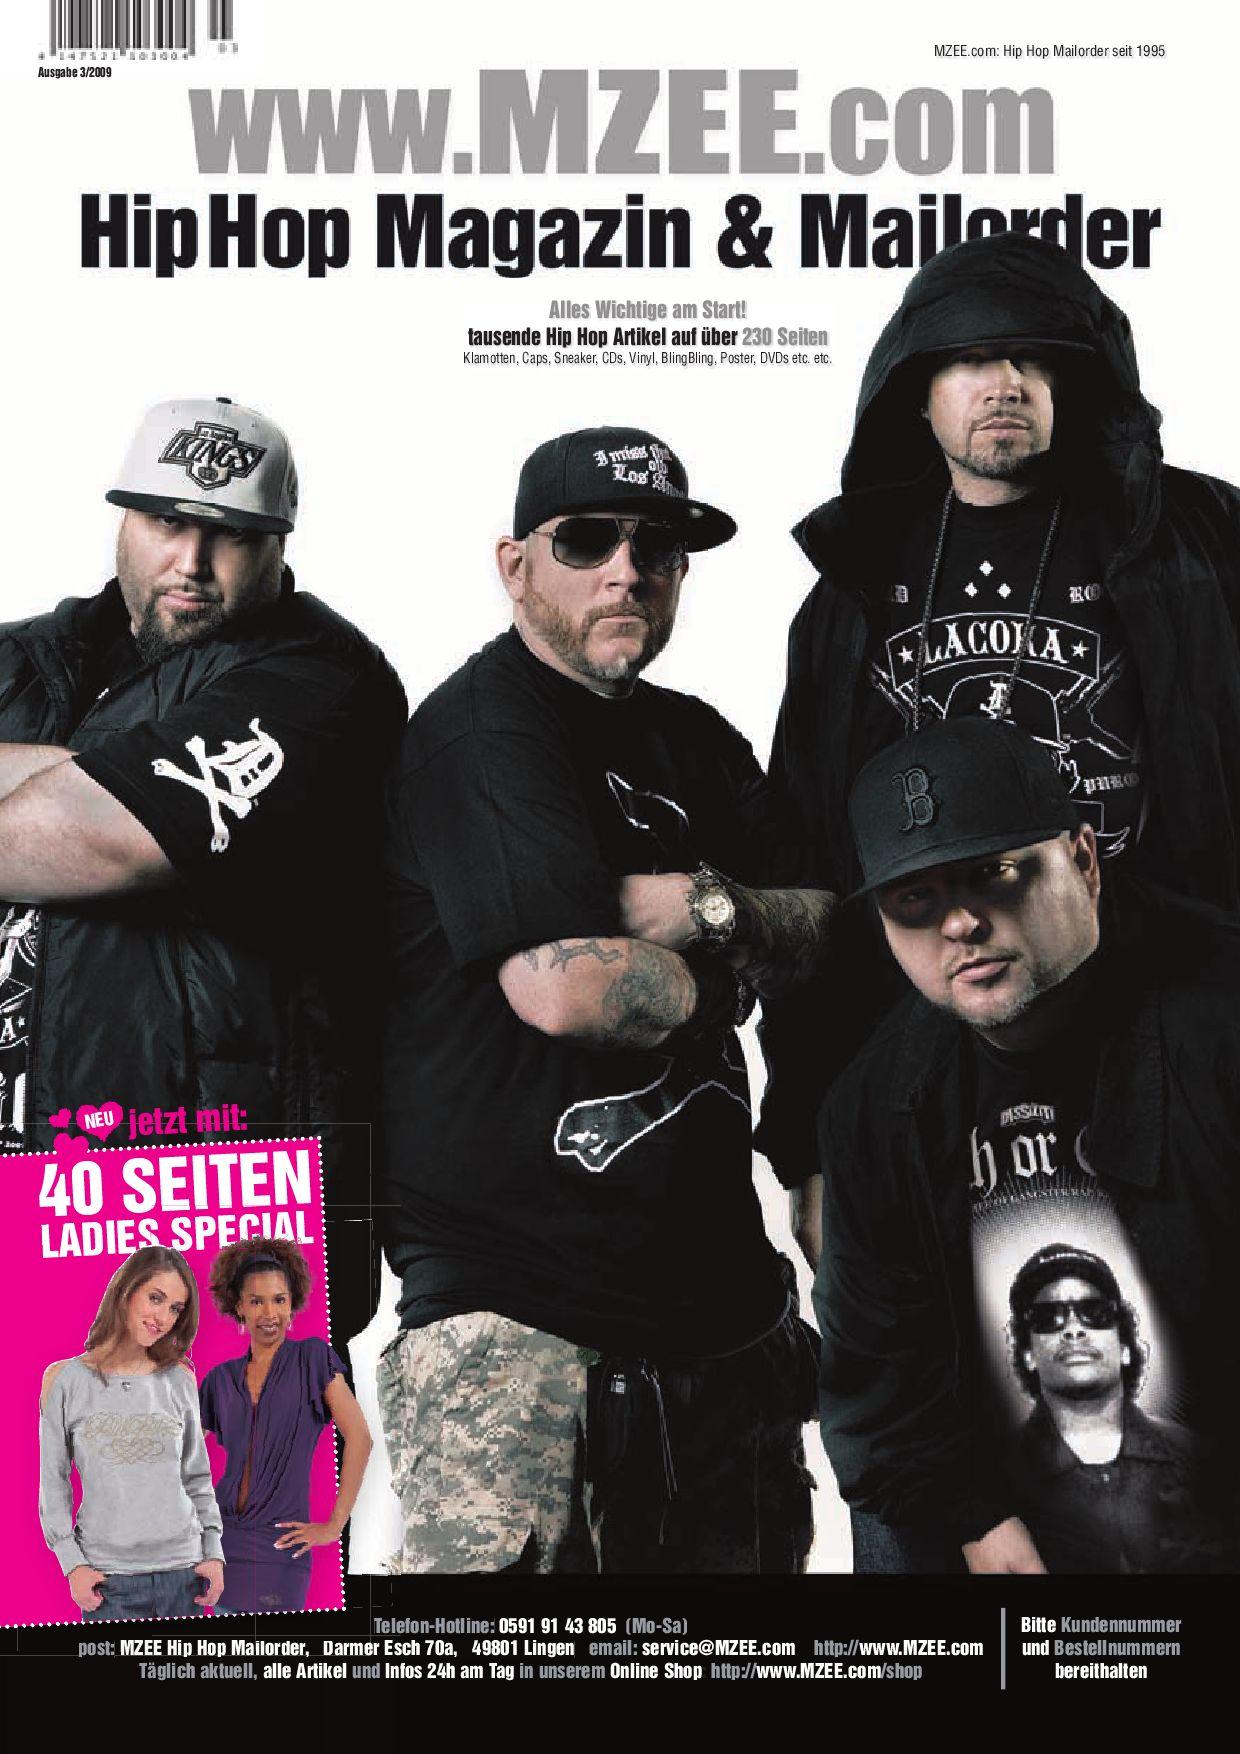 2002 04 (September) Katalog by RalfKotthoff issuu